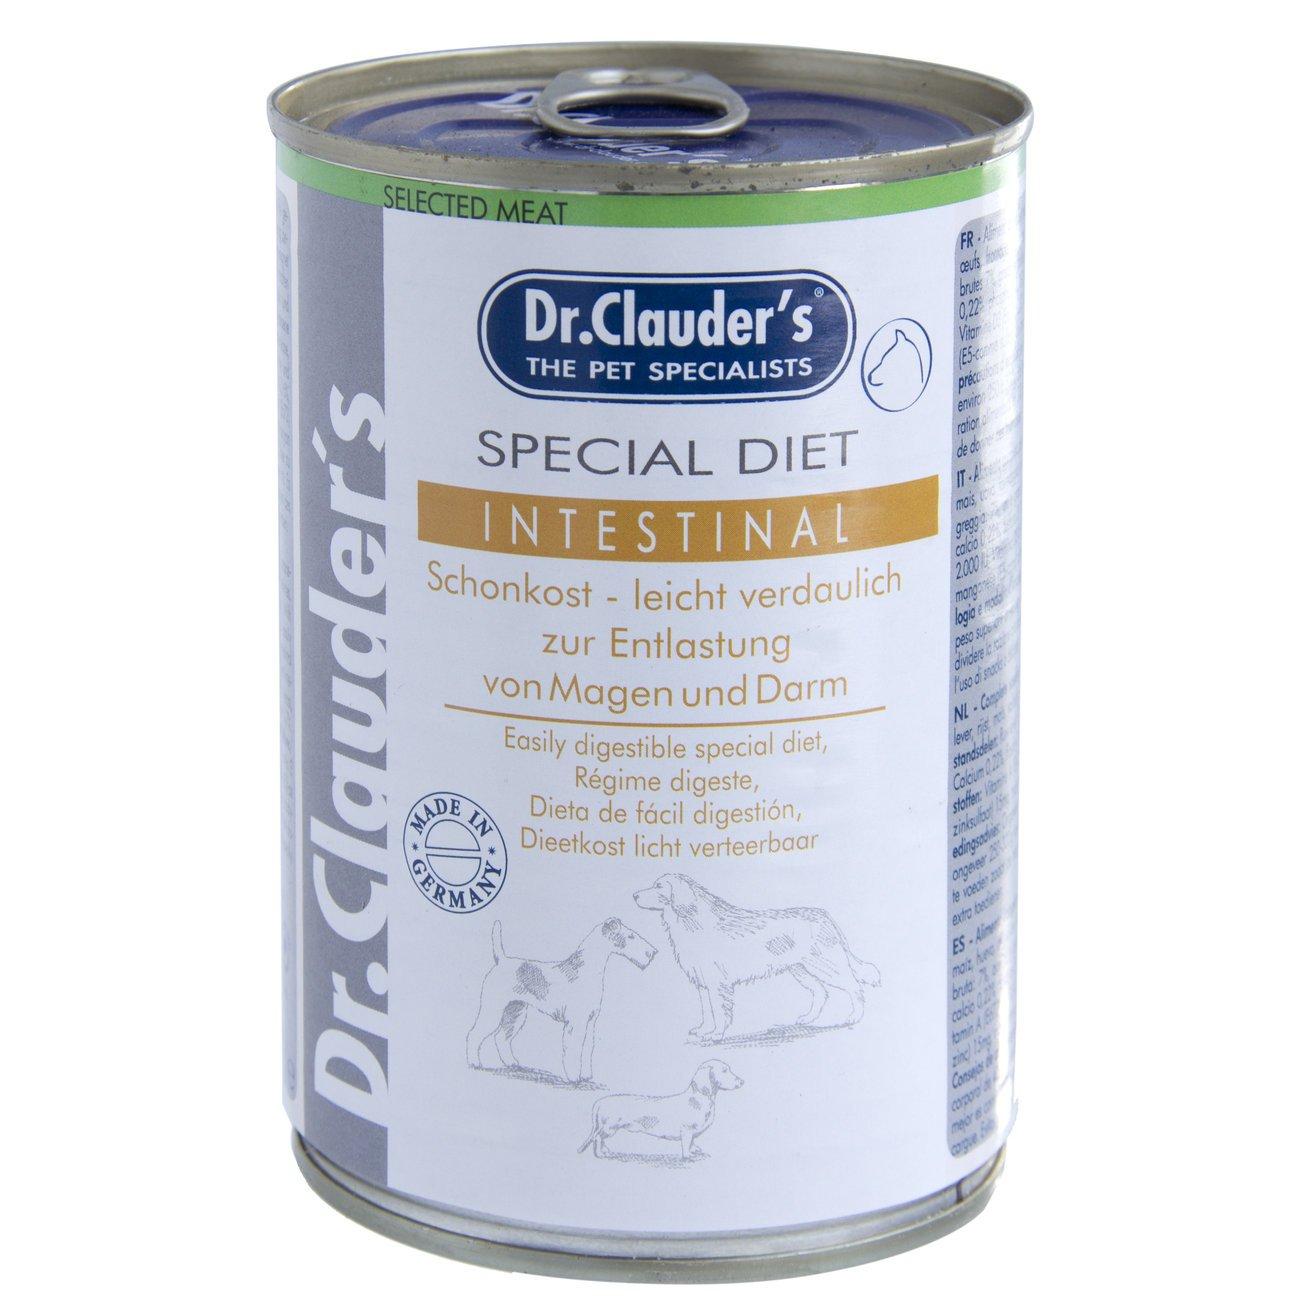 Dr. Clauders Special Diet Diät Schonkost Hundefutter, Intestinal 6x400g